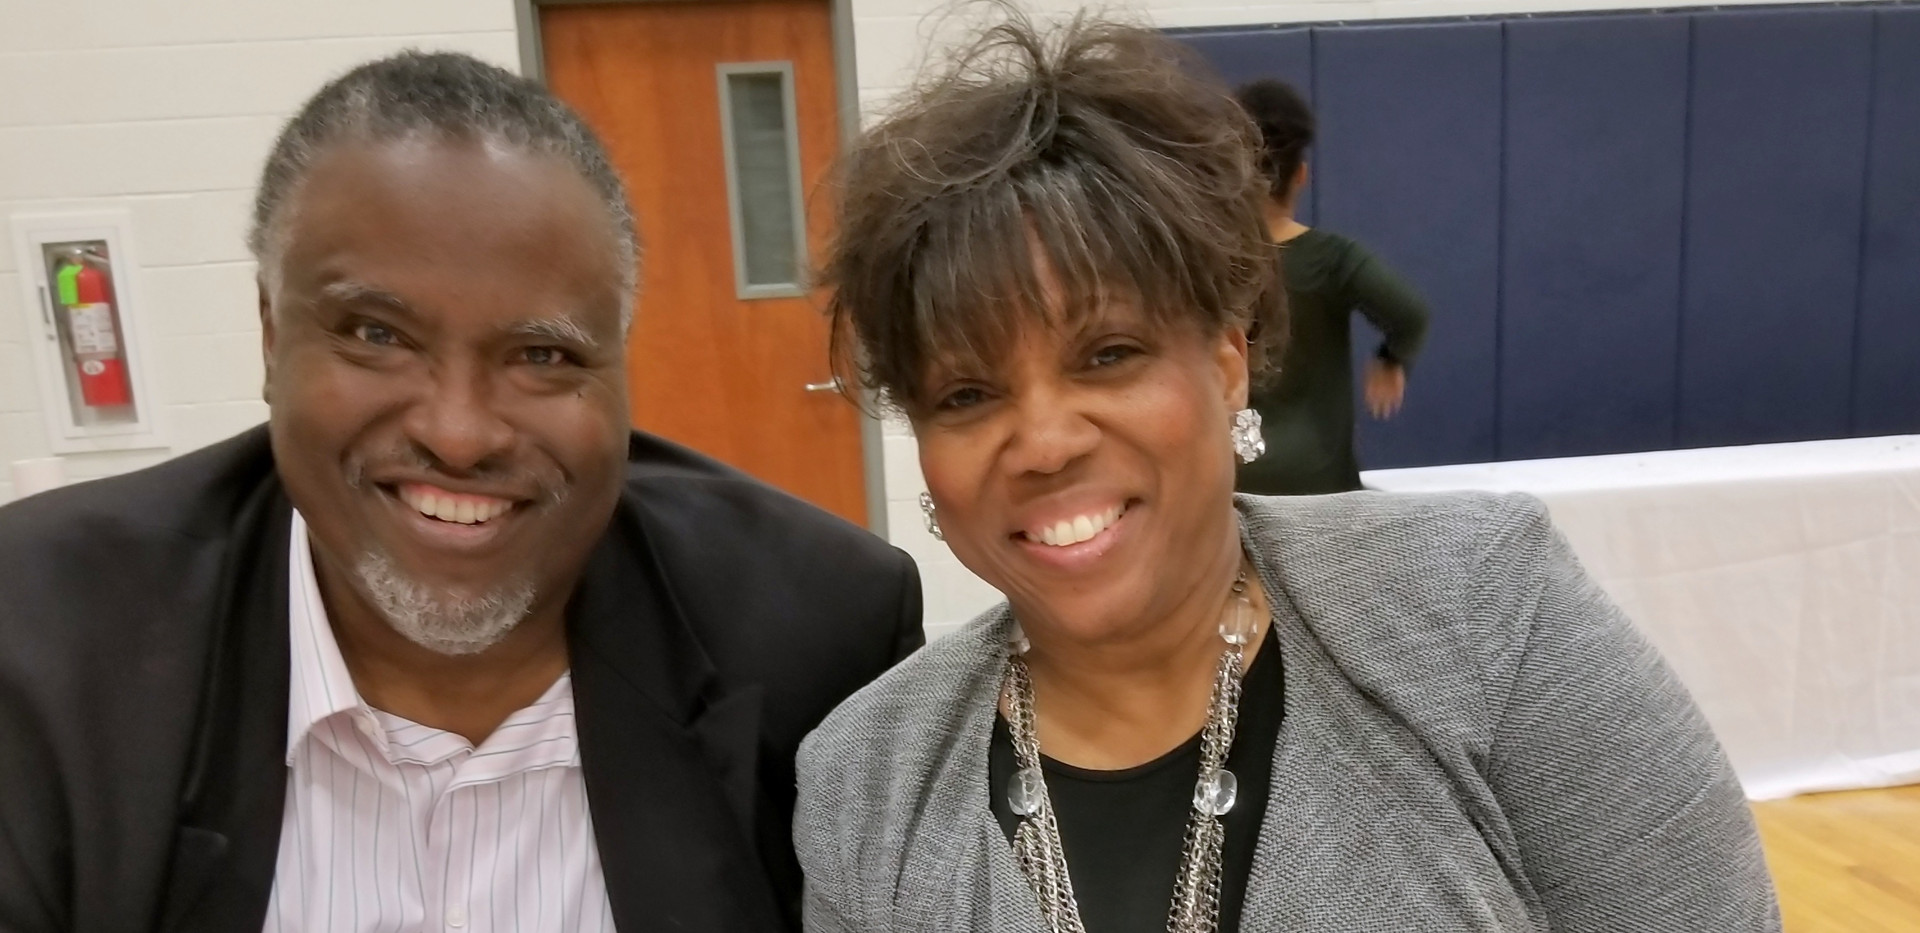 Llarance & Cynthia Turner